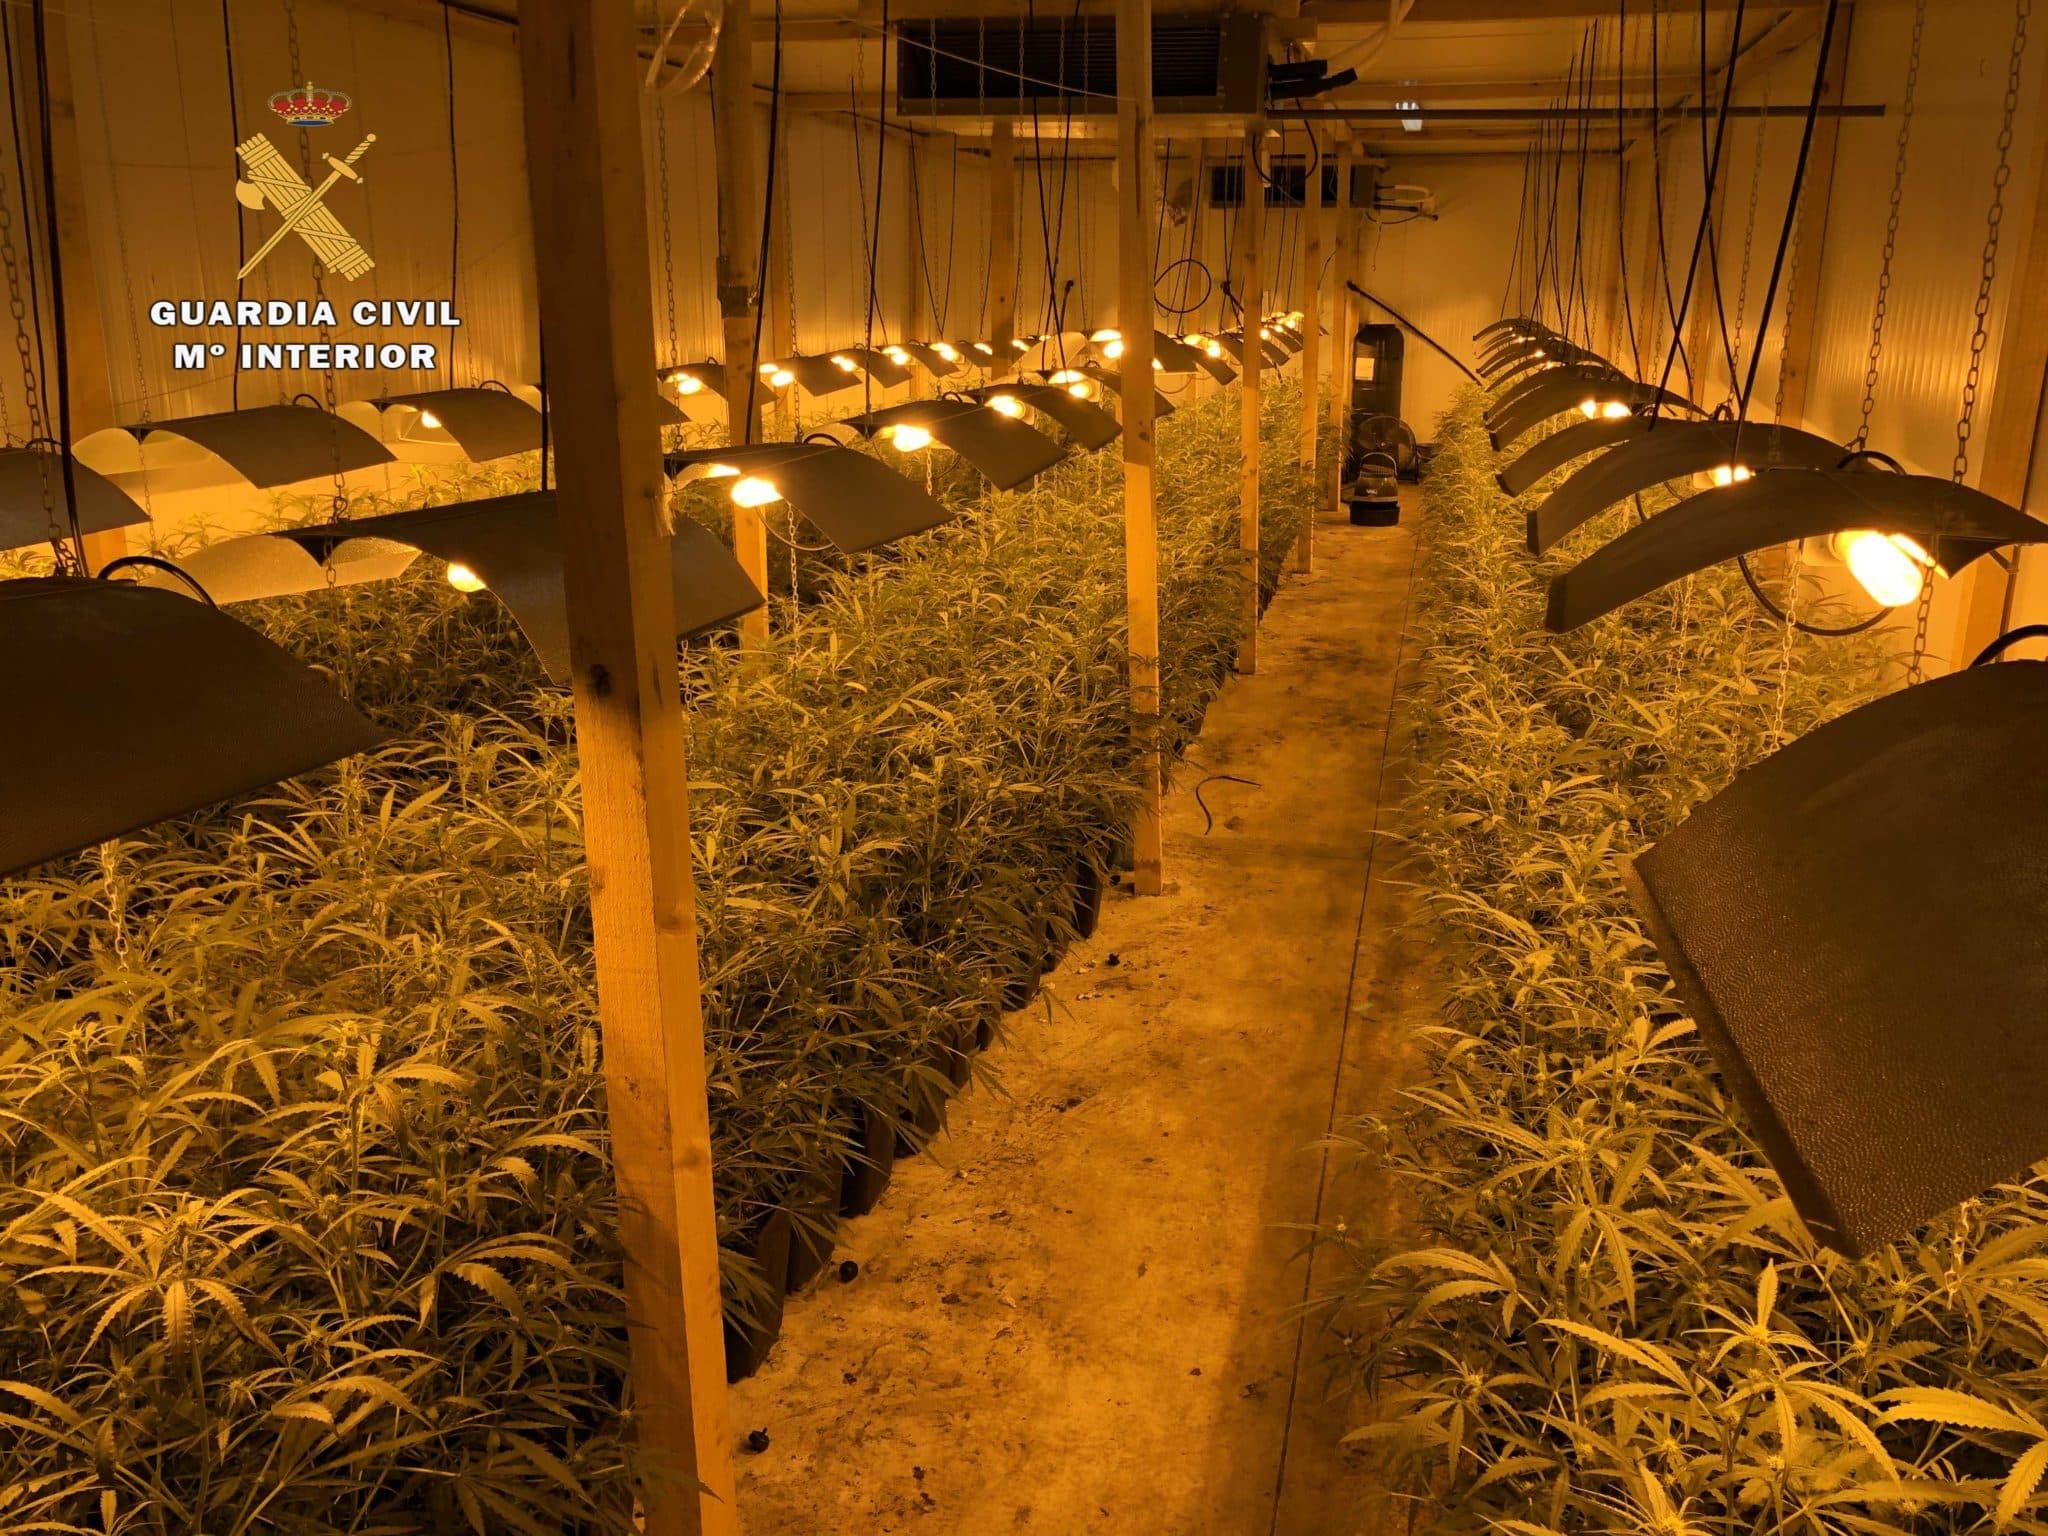 Operación 'Apostaxi': Desmantelada una organización delictiva que elaboraba y distribuía marihuana en La Rioja y Euskadi 3